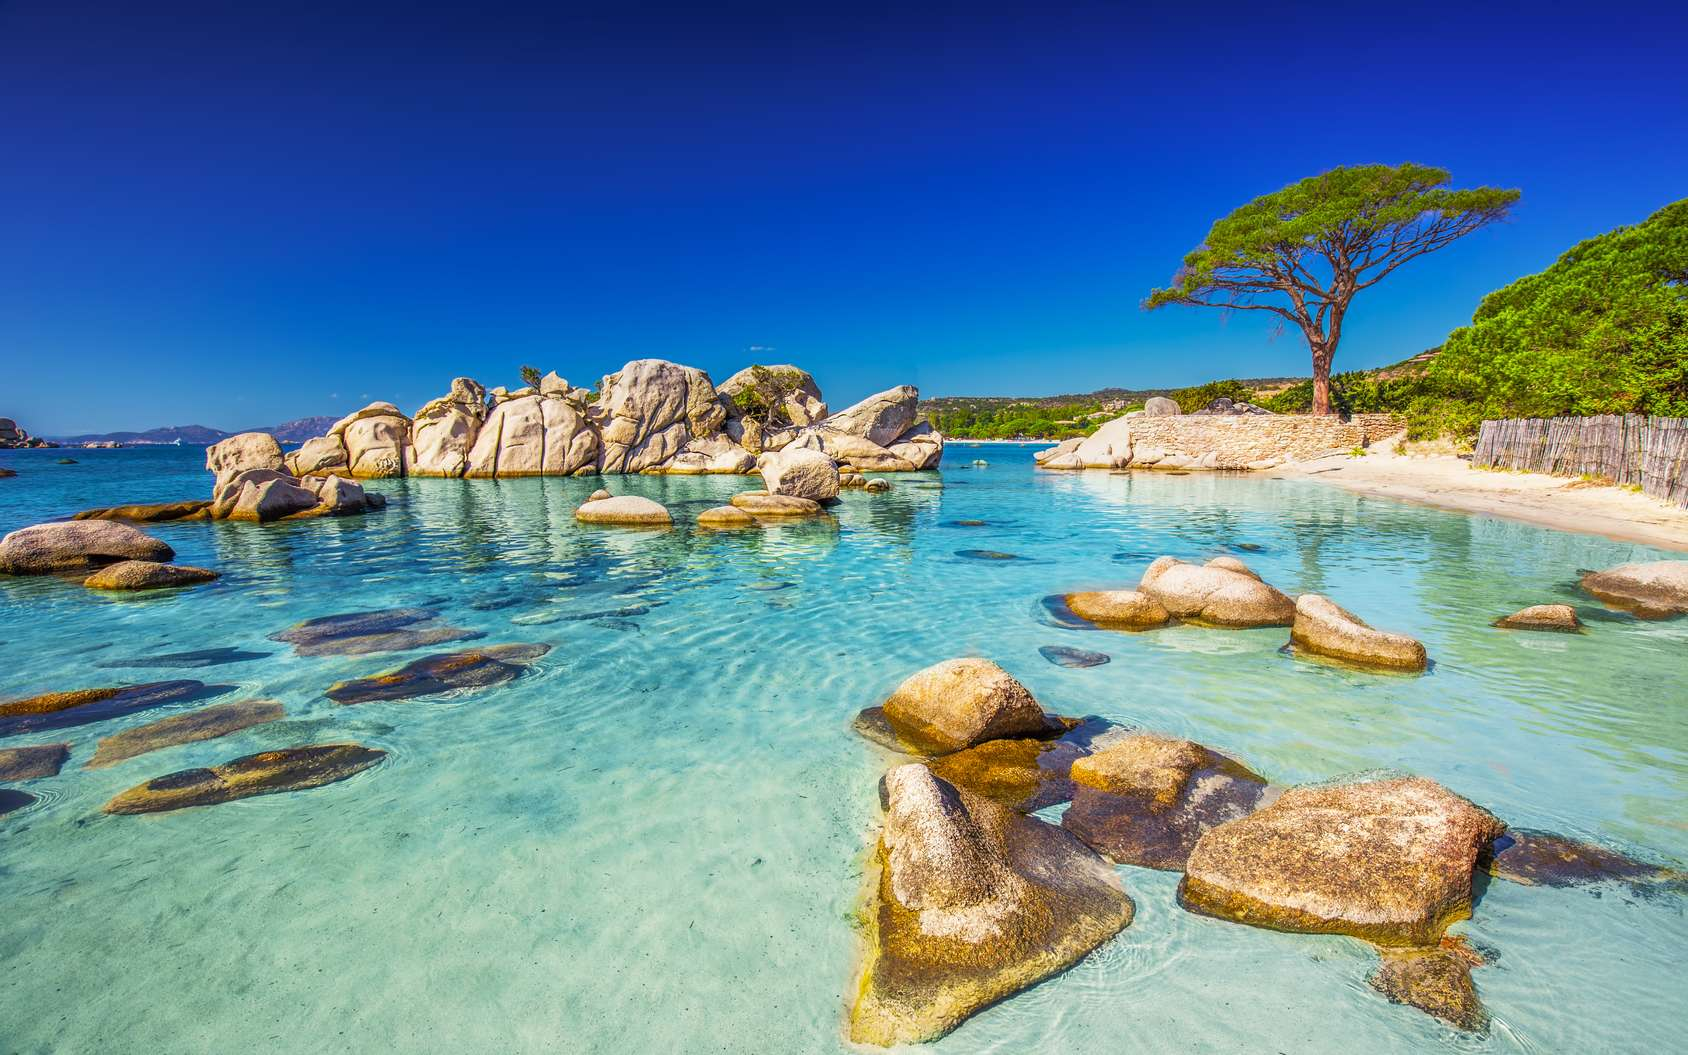 Où faire de la plongée en France ? Ici, la plage de Palombaggia, en Corse. © gevisions, Fotolia